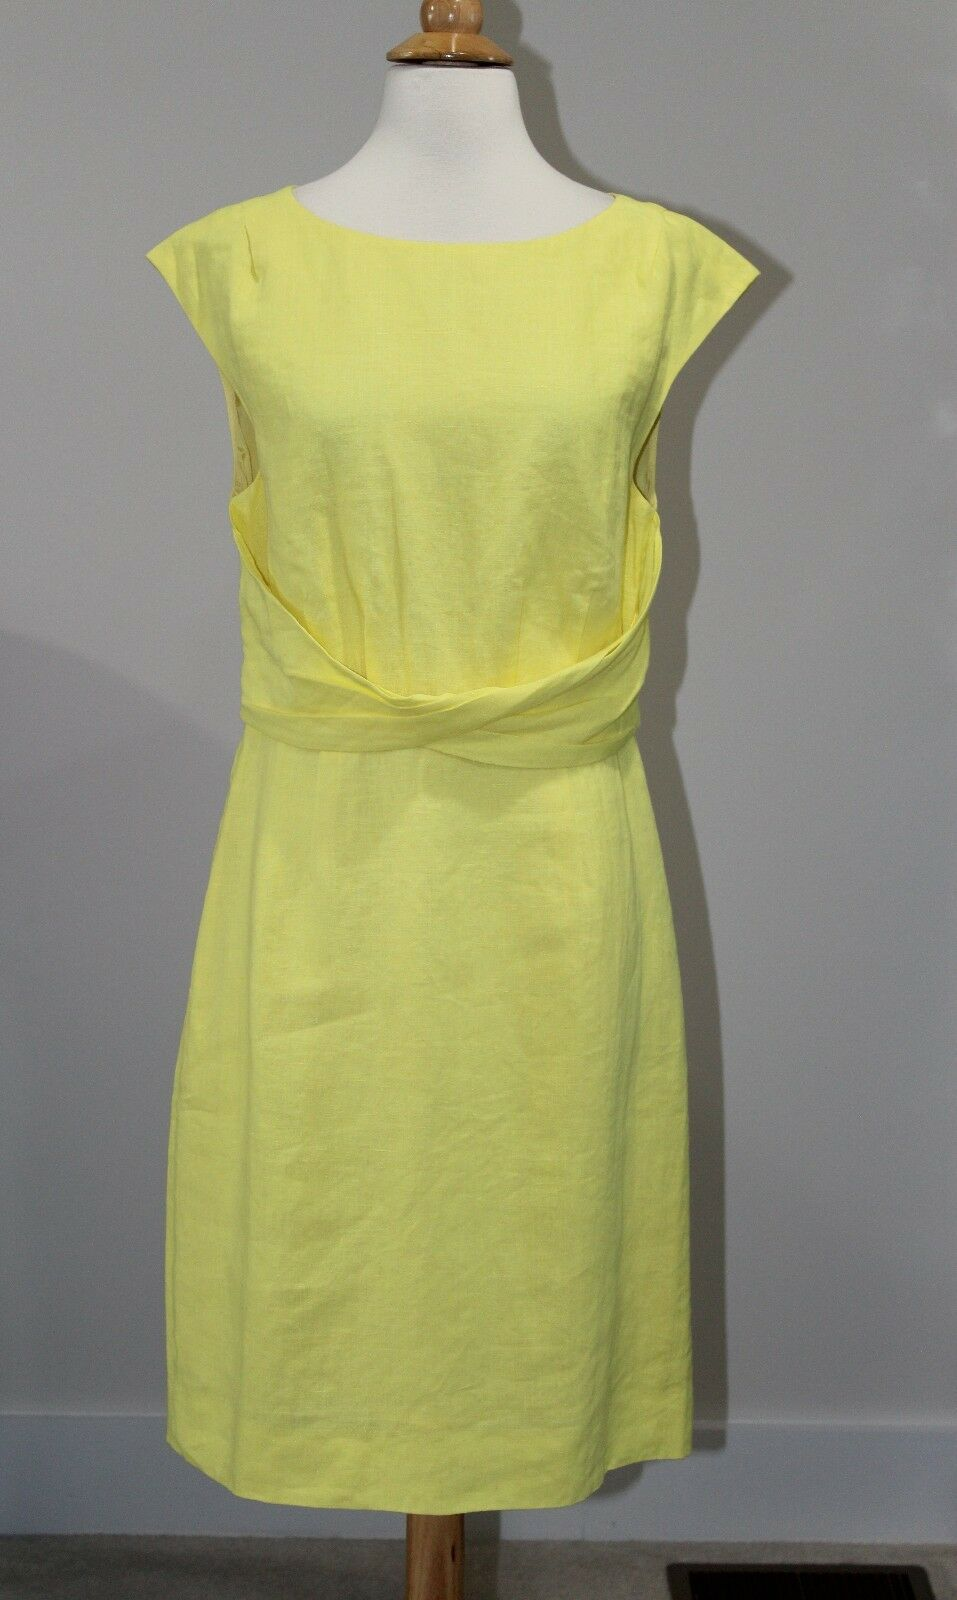 NWT J CREW FACTORY SUITING  128 Lemon Citrus Yellow LINEN TWIST DRESS Sz 8